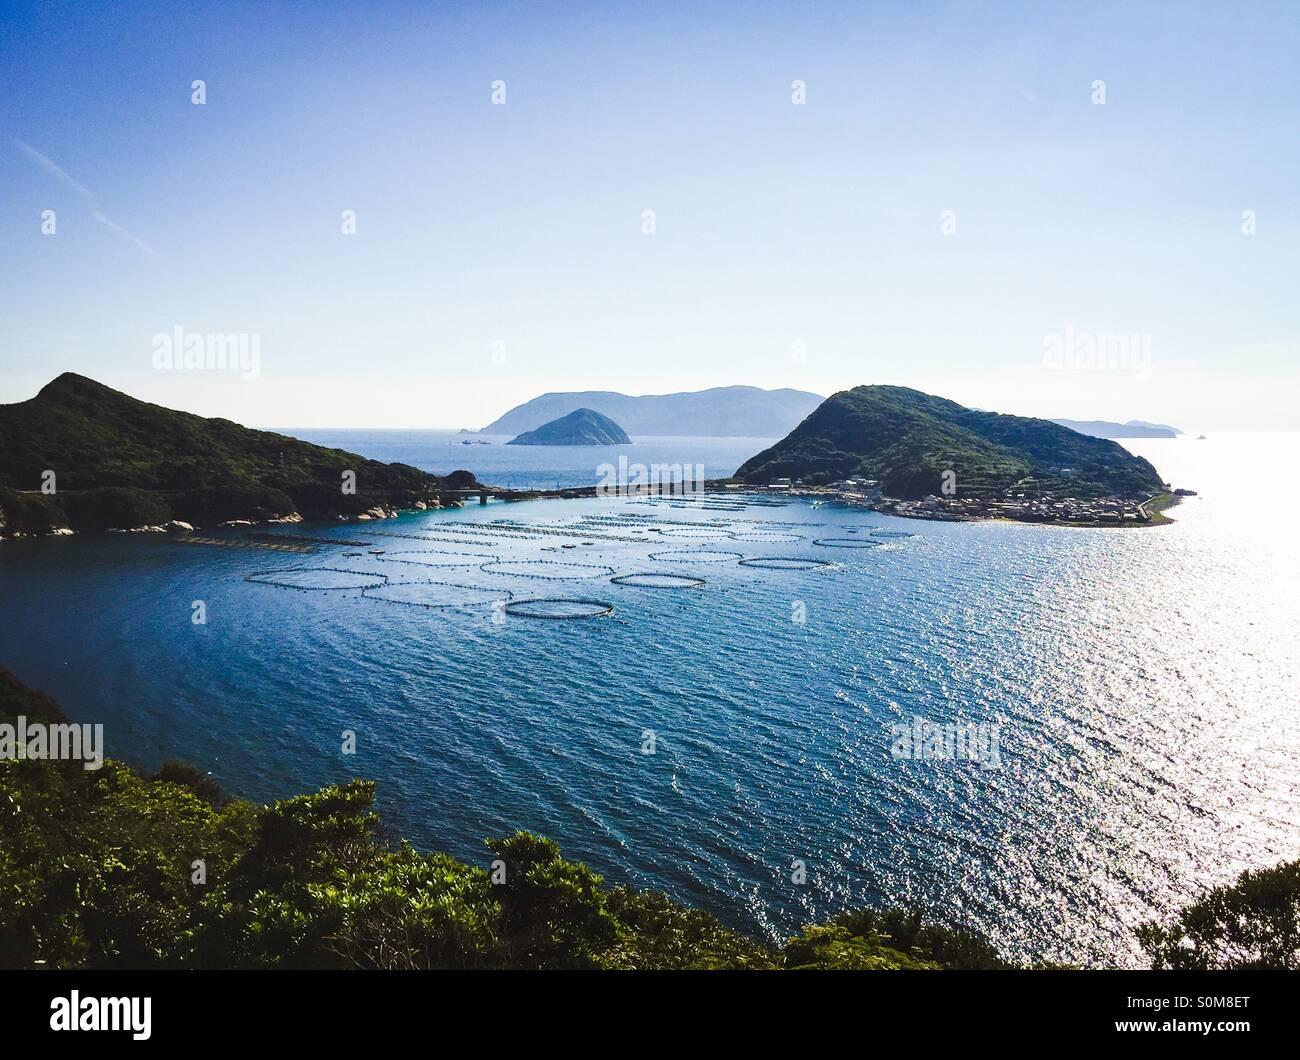 L'un de la région la plus au sud de Shikoku au Japon. C'est célèbre pour la plongée Photo Stock